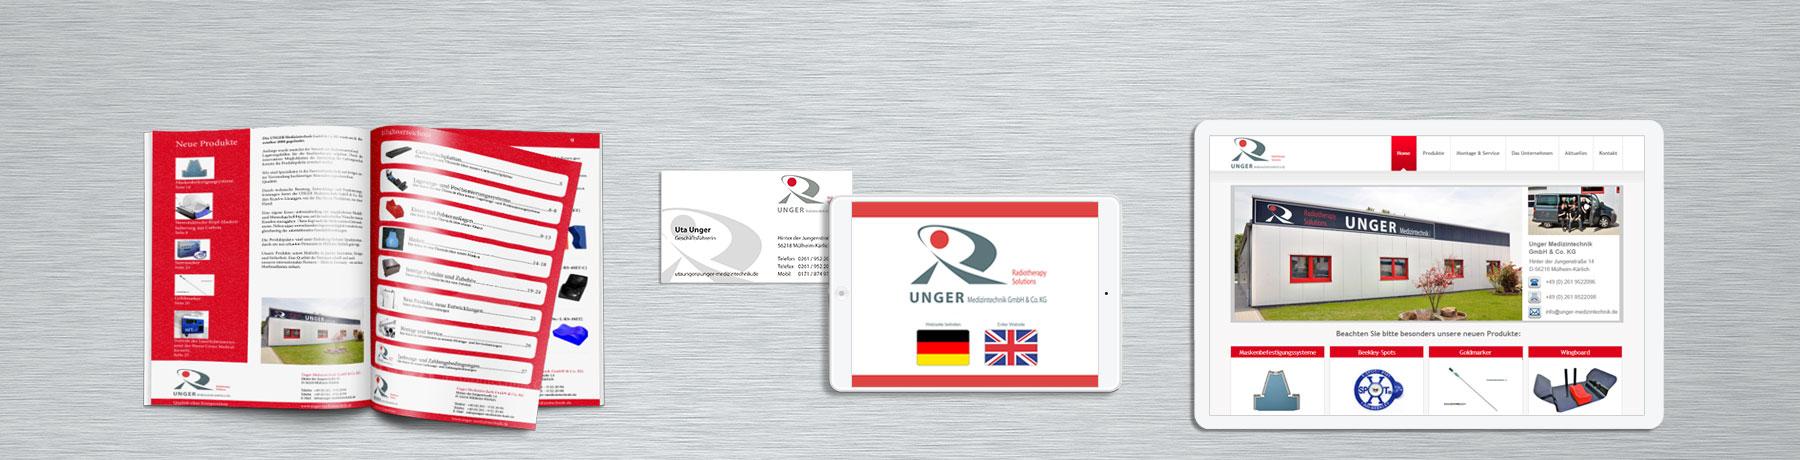 Webseiten-53604 Bad Honnef (Rhein-Sieg-Kreis)